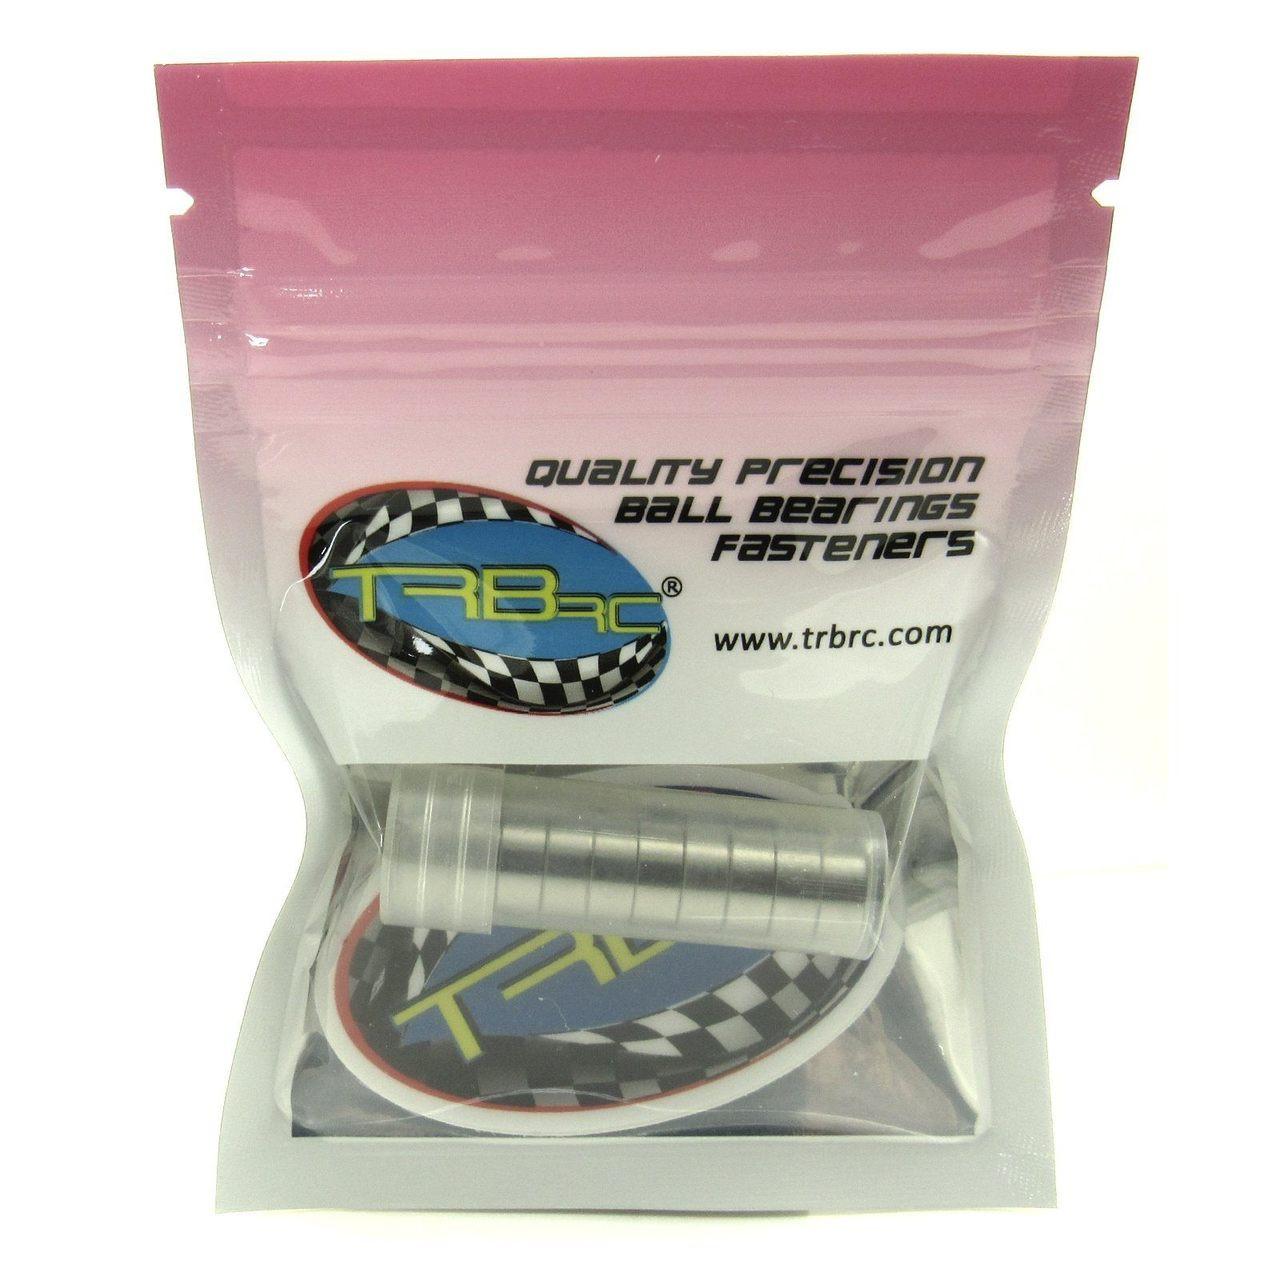 TRB RC 5x10x4mm Precision Clutch Ball Bearings Metal Shields (10)